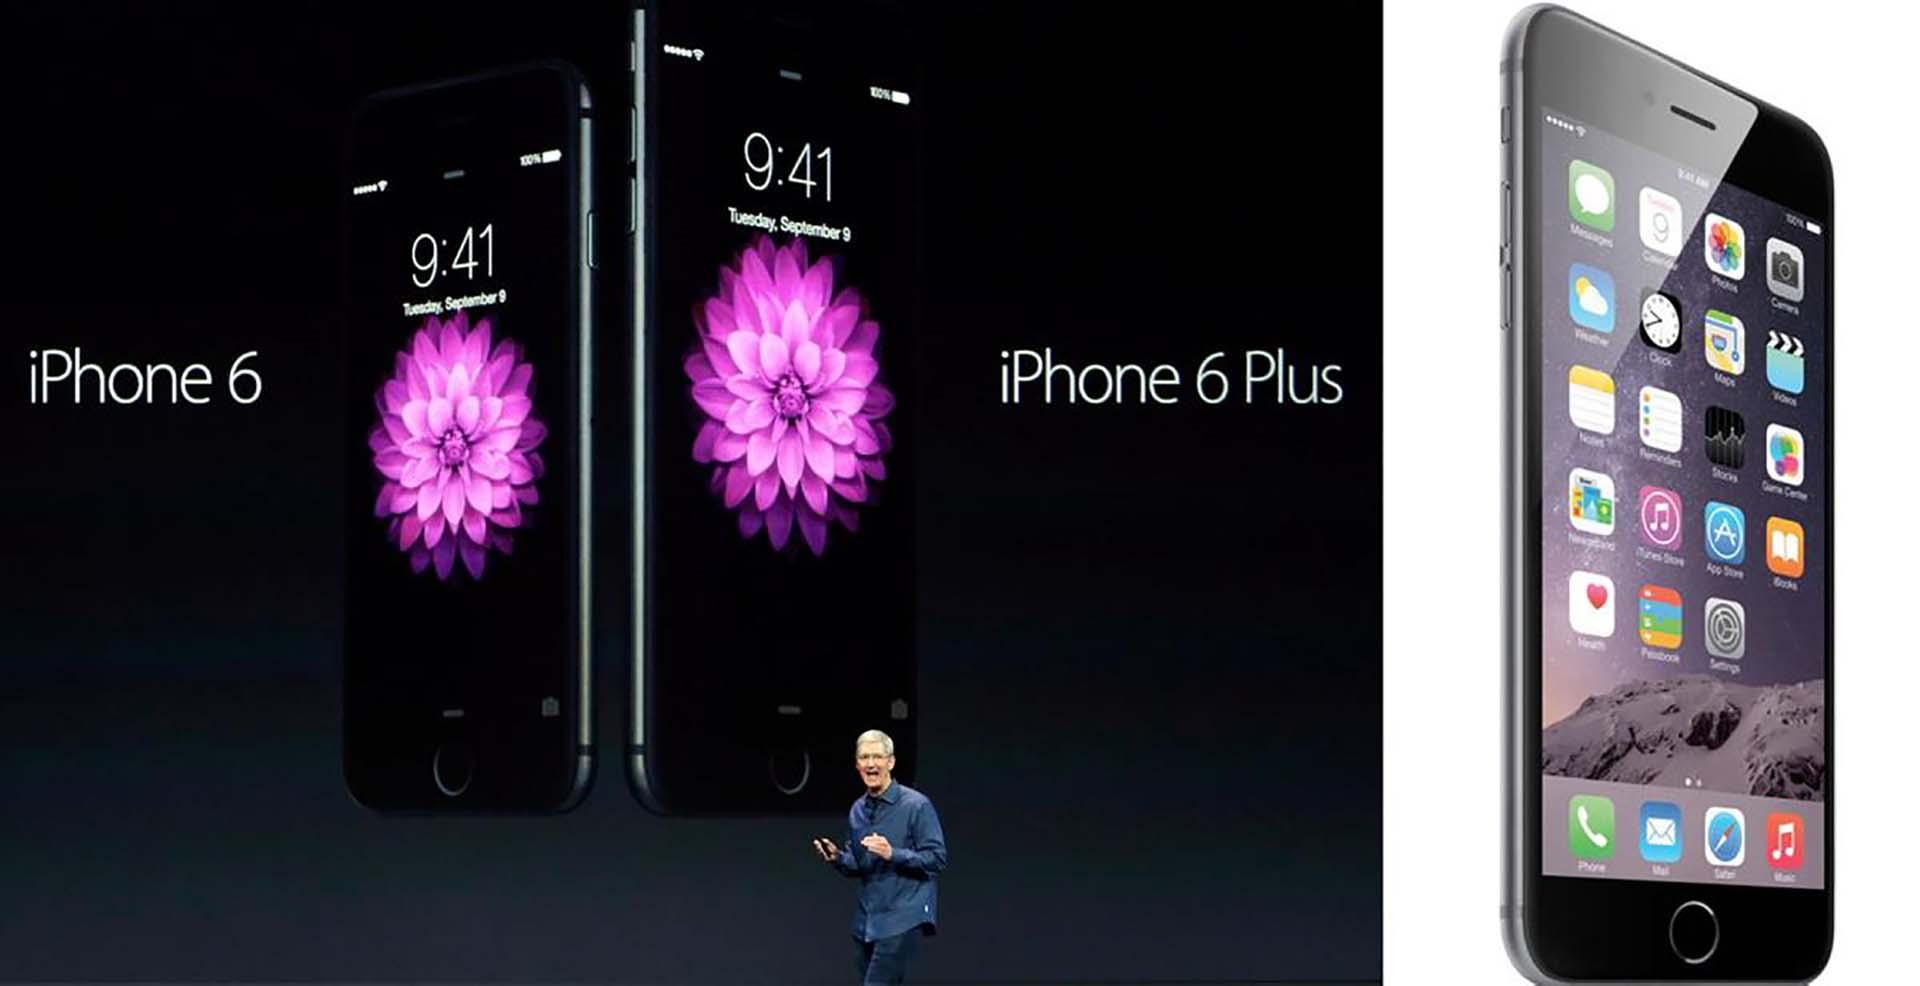 c81c64b22b6 Ambos modelos llegaron a las tiendas el 20 de septiembre de 2013. Con 2  modelos para elegir, era la primera vez que Apple ofrecía un teléfono ...